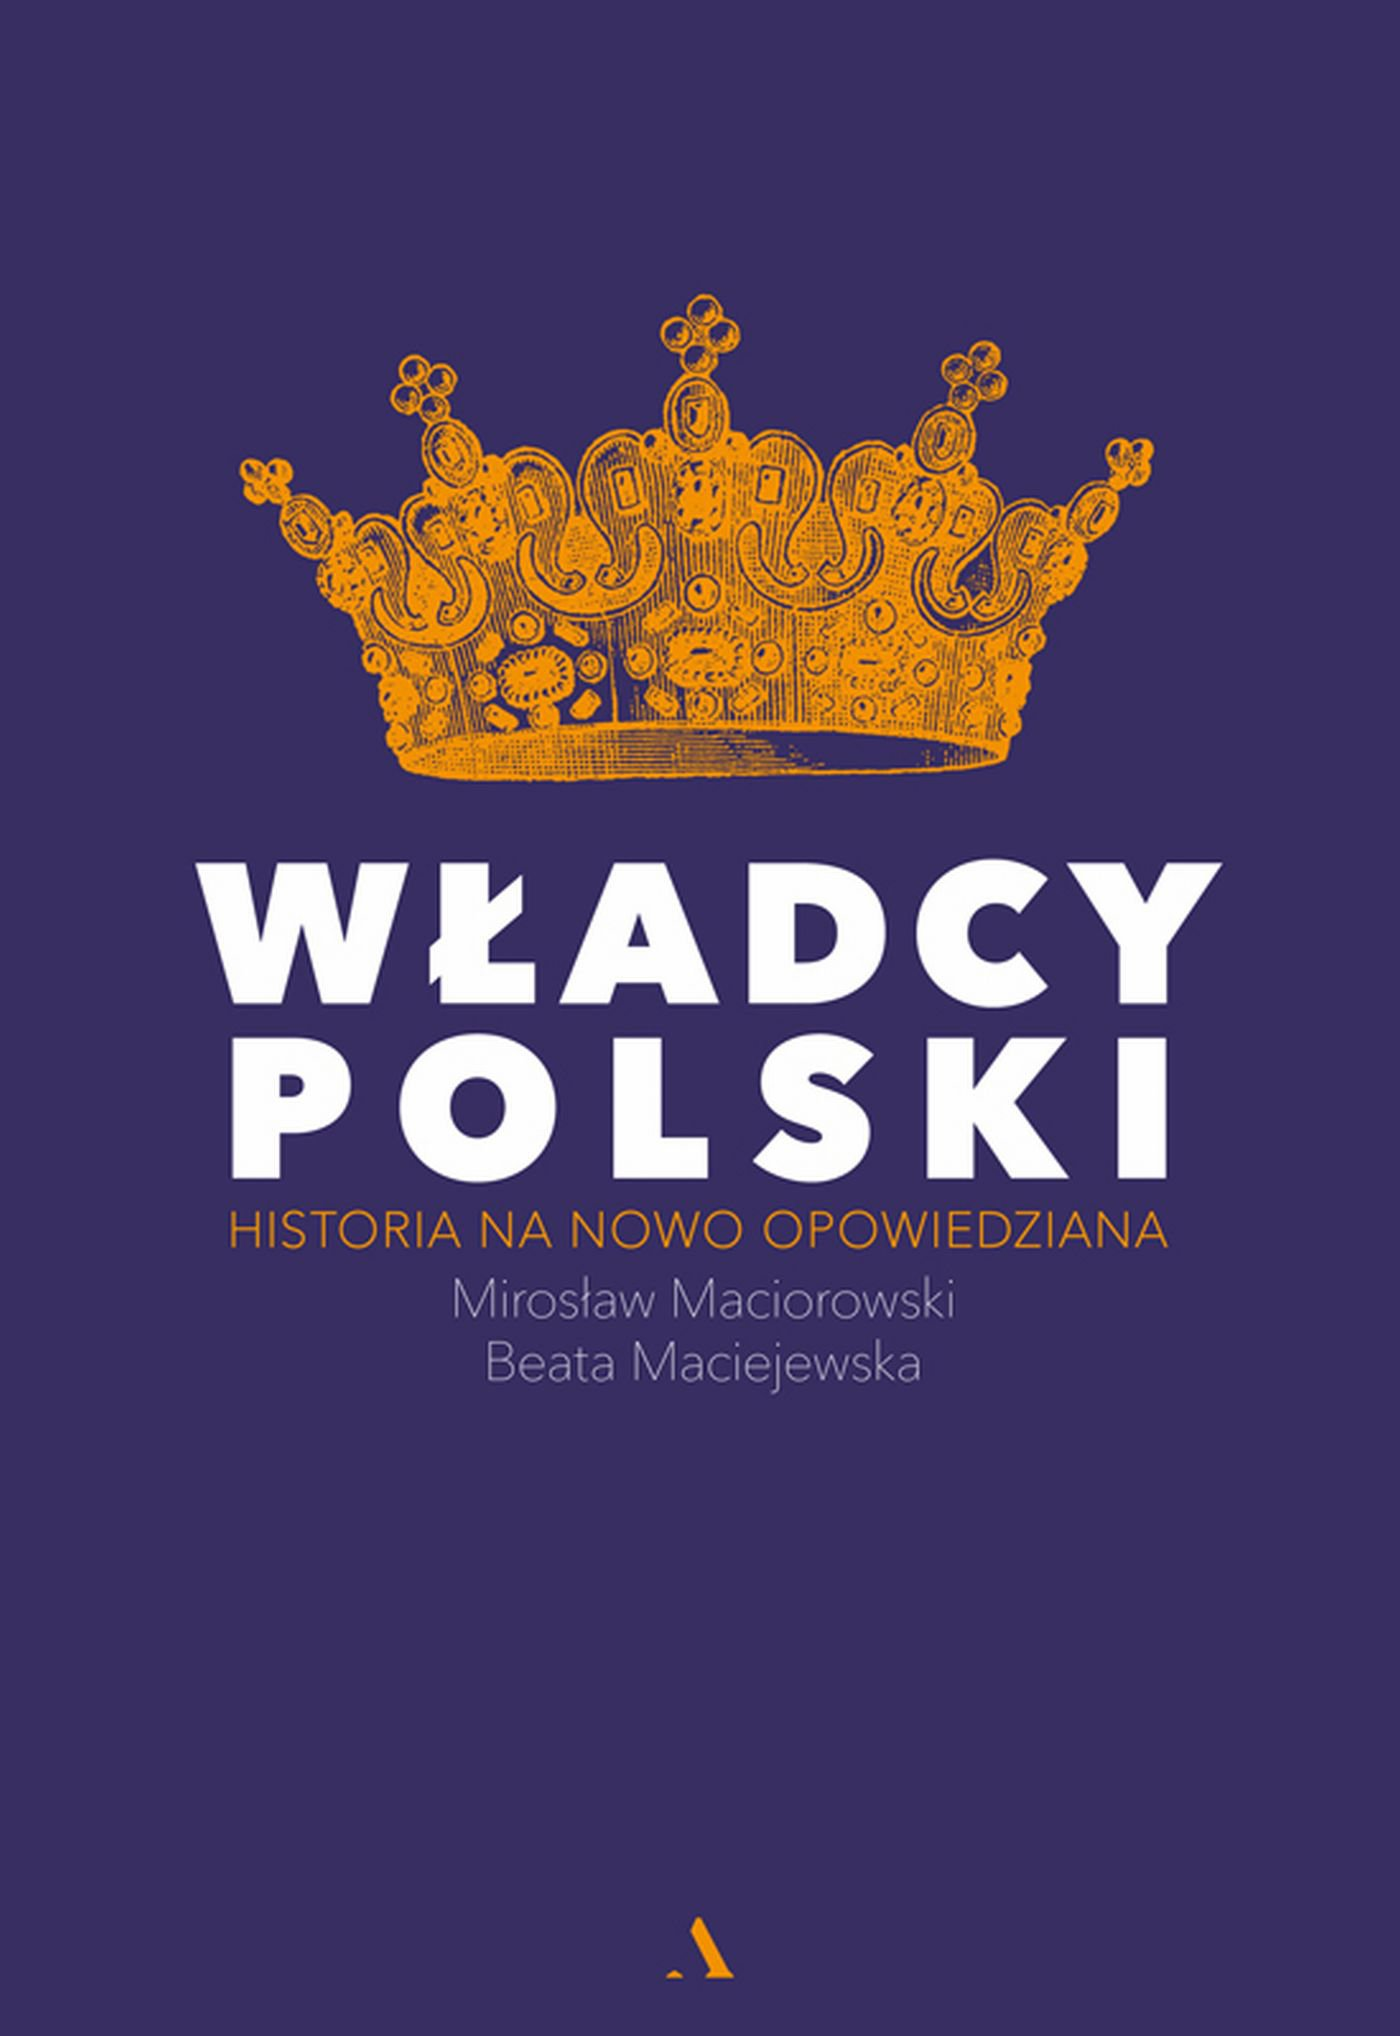 Władcy Polski. Historia na nowo opowiedziana - Ebook (Książka na Kindle) do pobrania w formacie MOBI